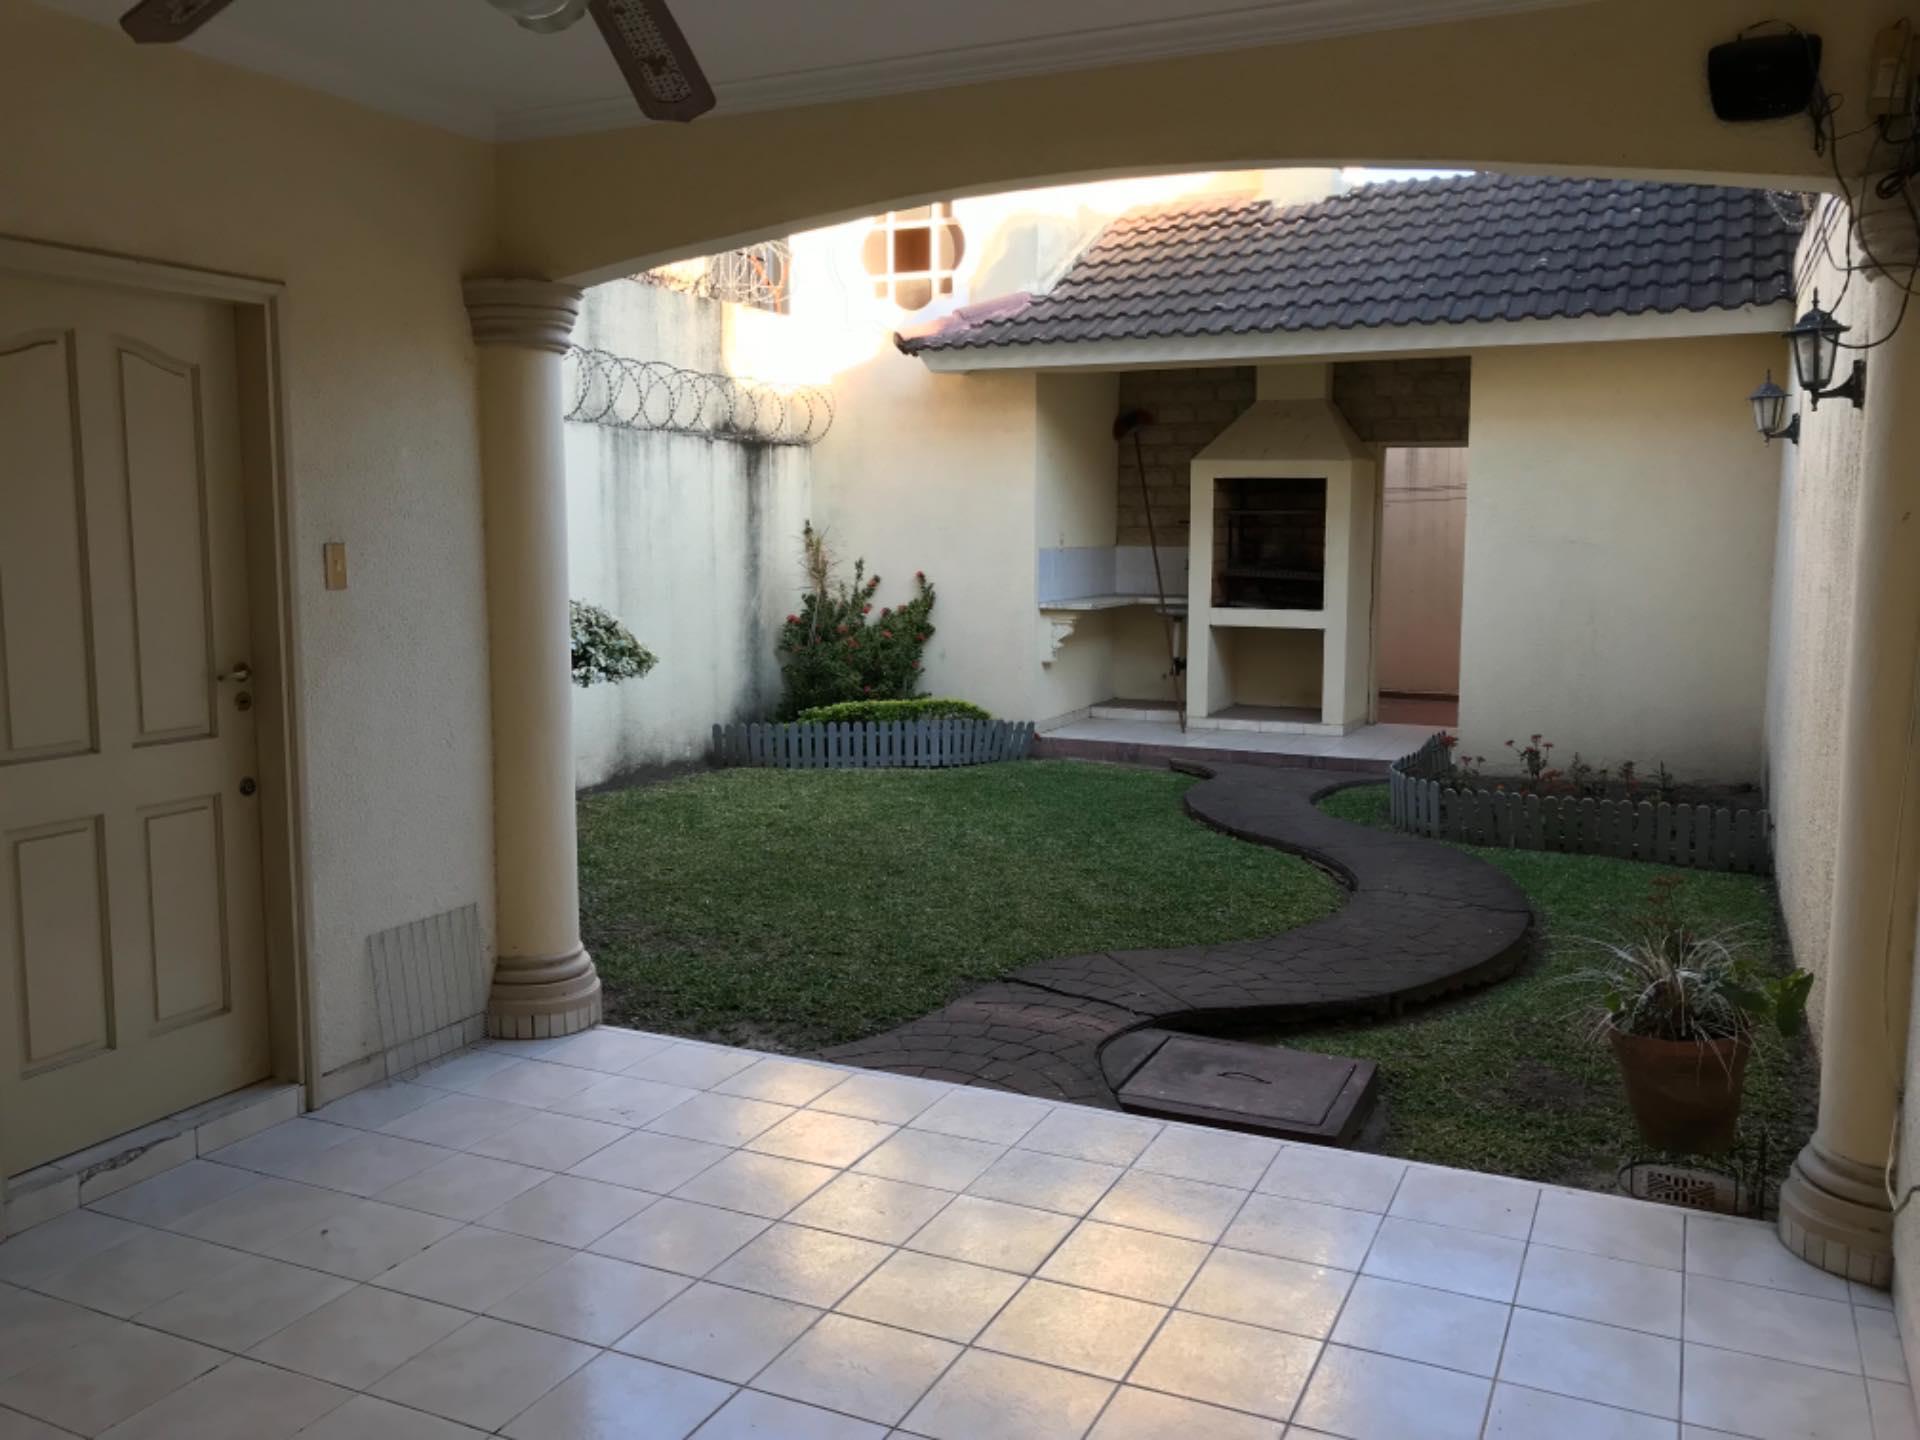 Casa en Alquiler Av. La Barranca barrio El Trompillo Alcaya #300 esq. Zoilo flores  Foto 6